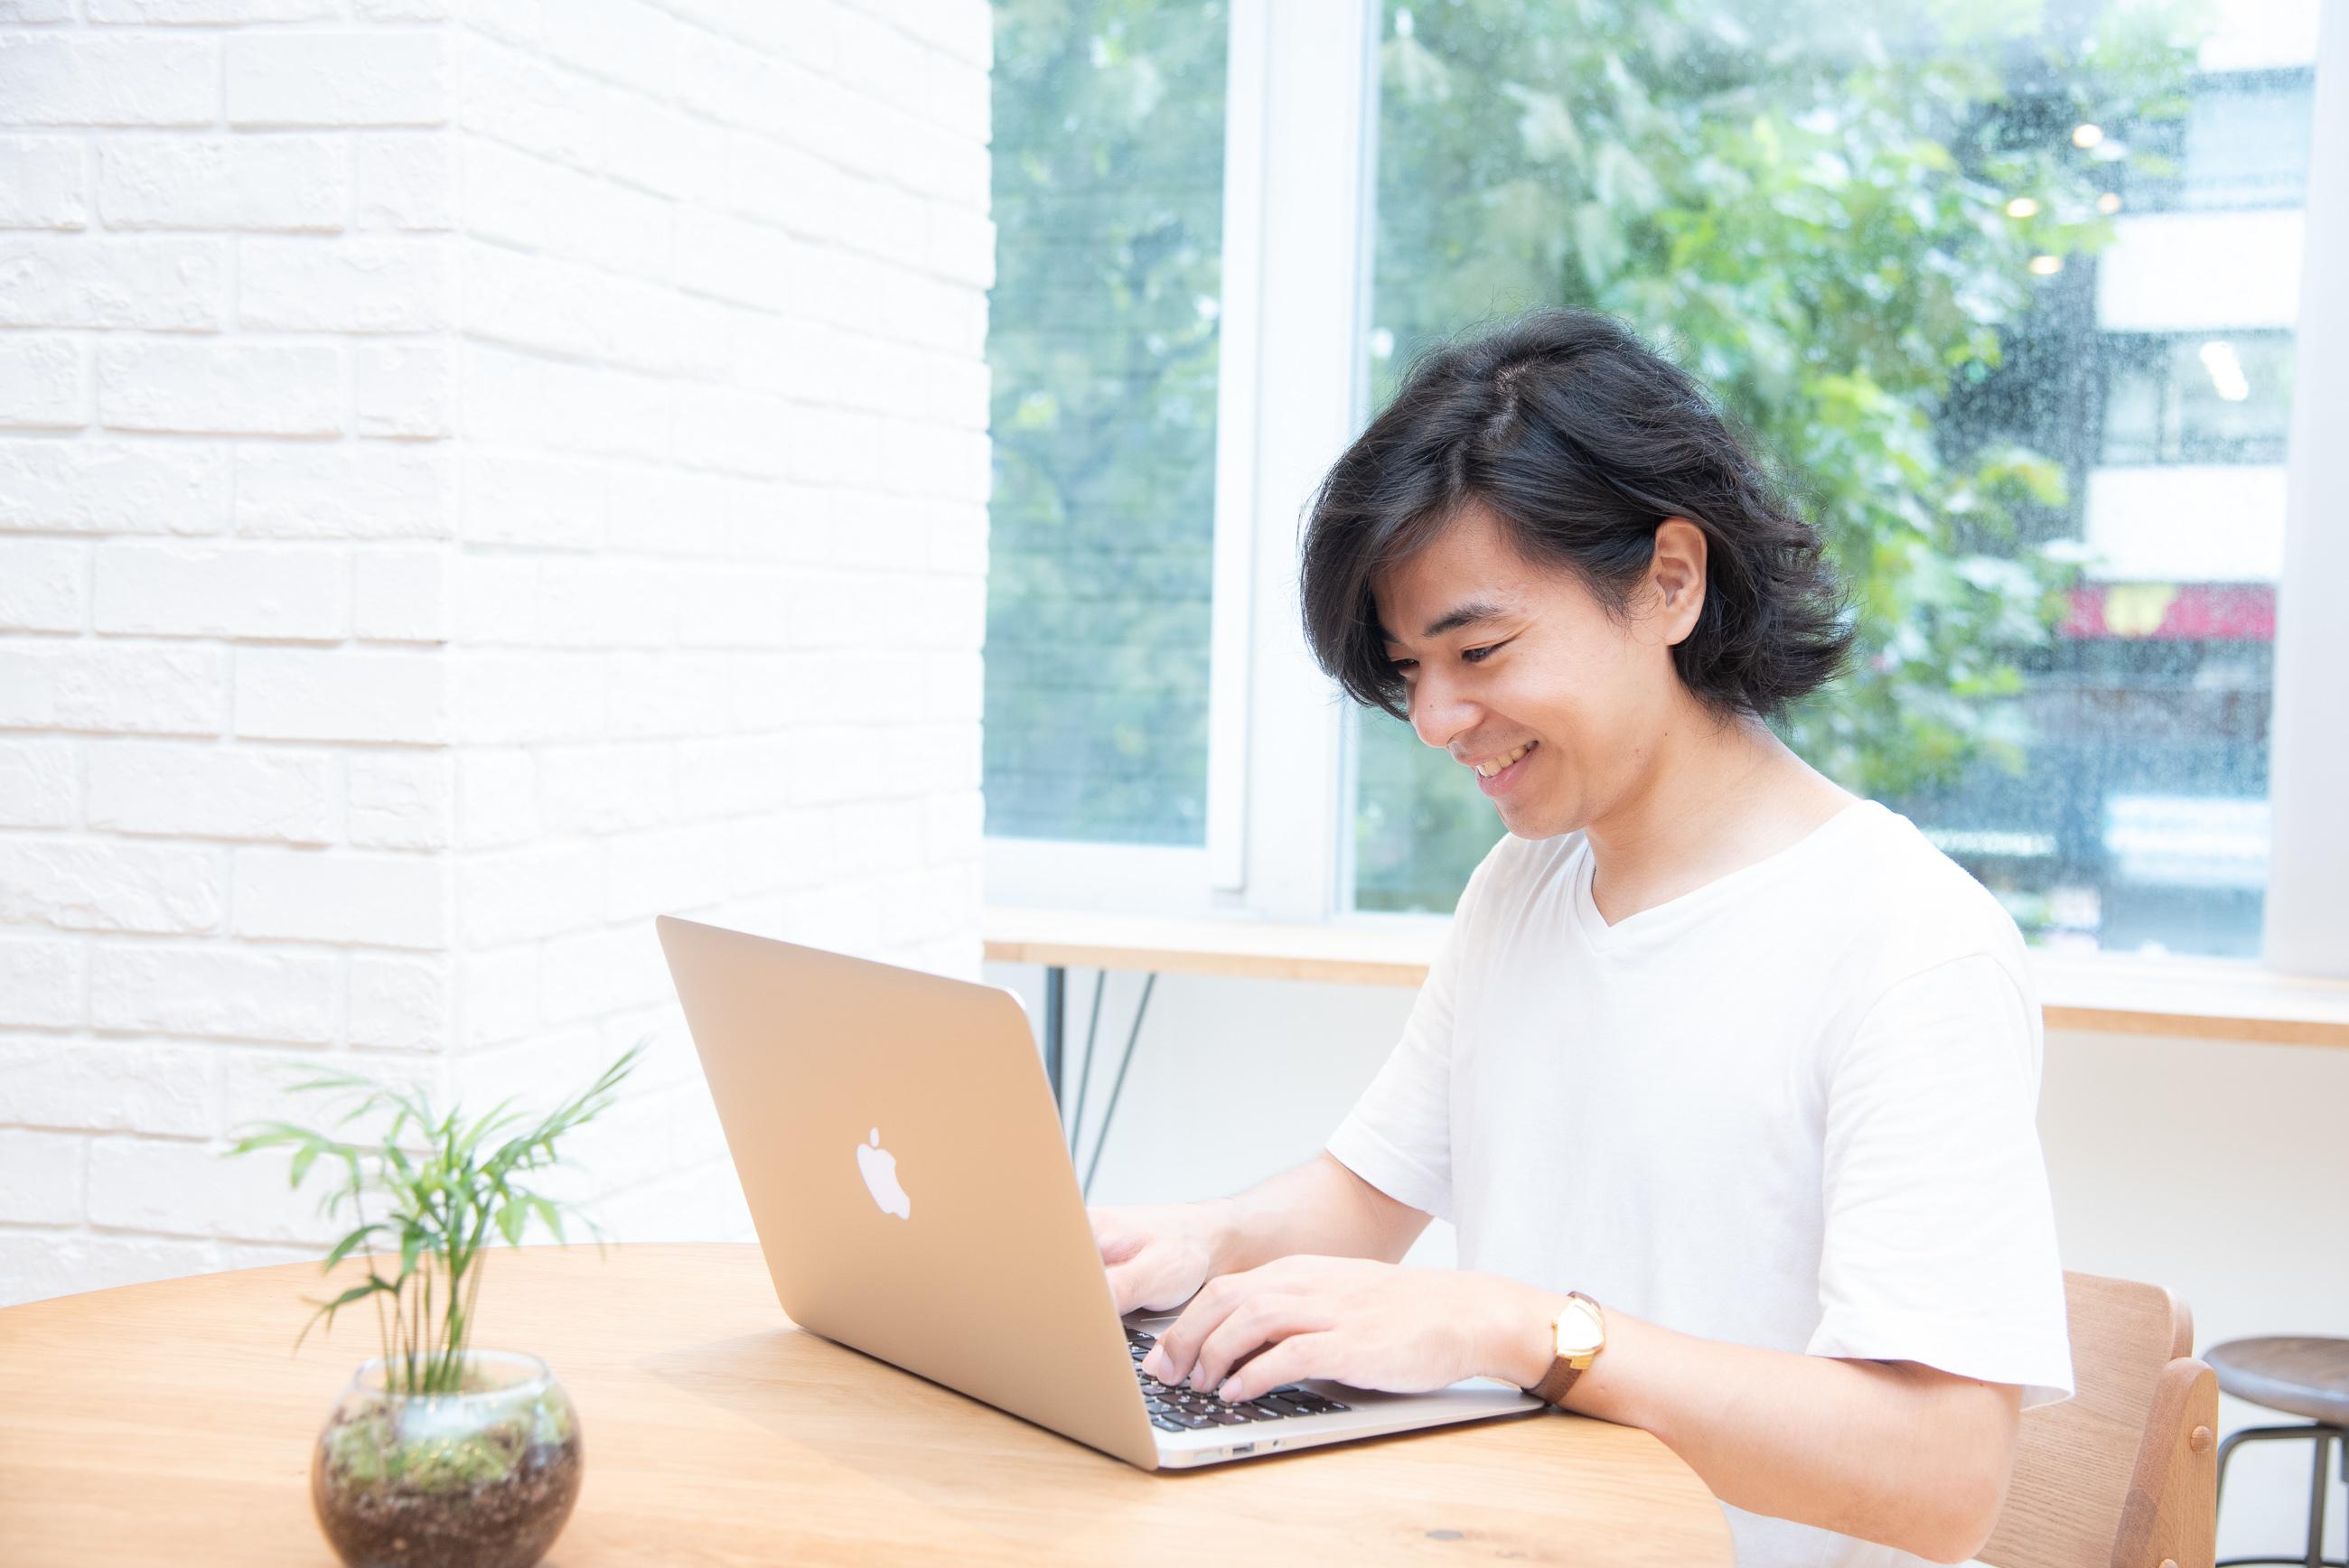 【リモートOK!】教えながら自分の基礎スキルUP!あなたのRubyの経験を生かしてプログラミング講師として活躍してみませんか?